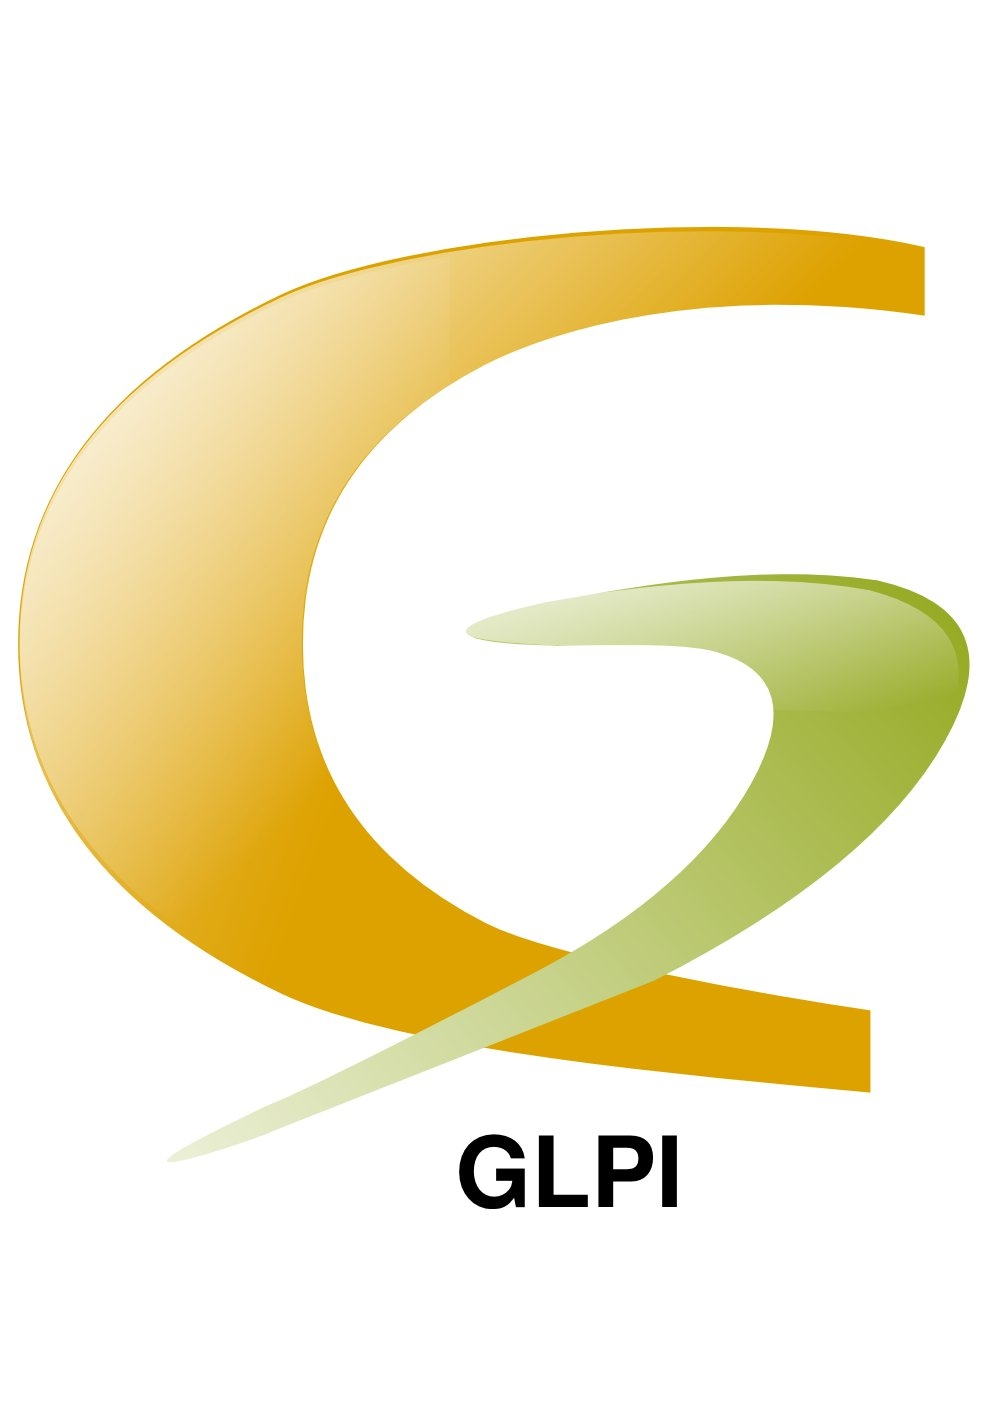 GLPI : forcer une remontée d'inventaire avec FusionInventory